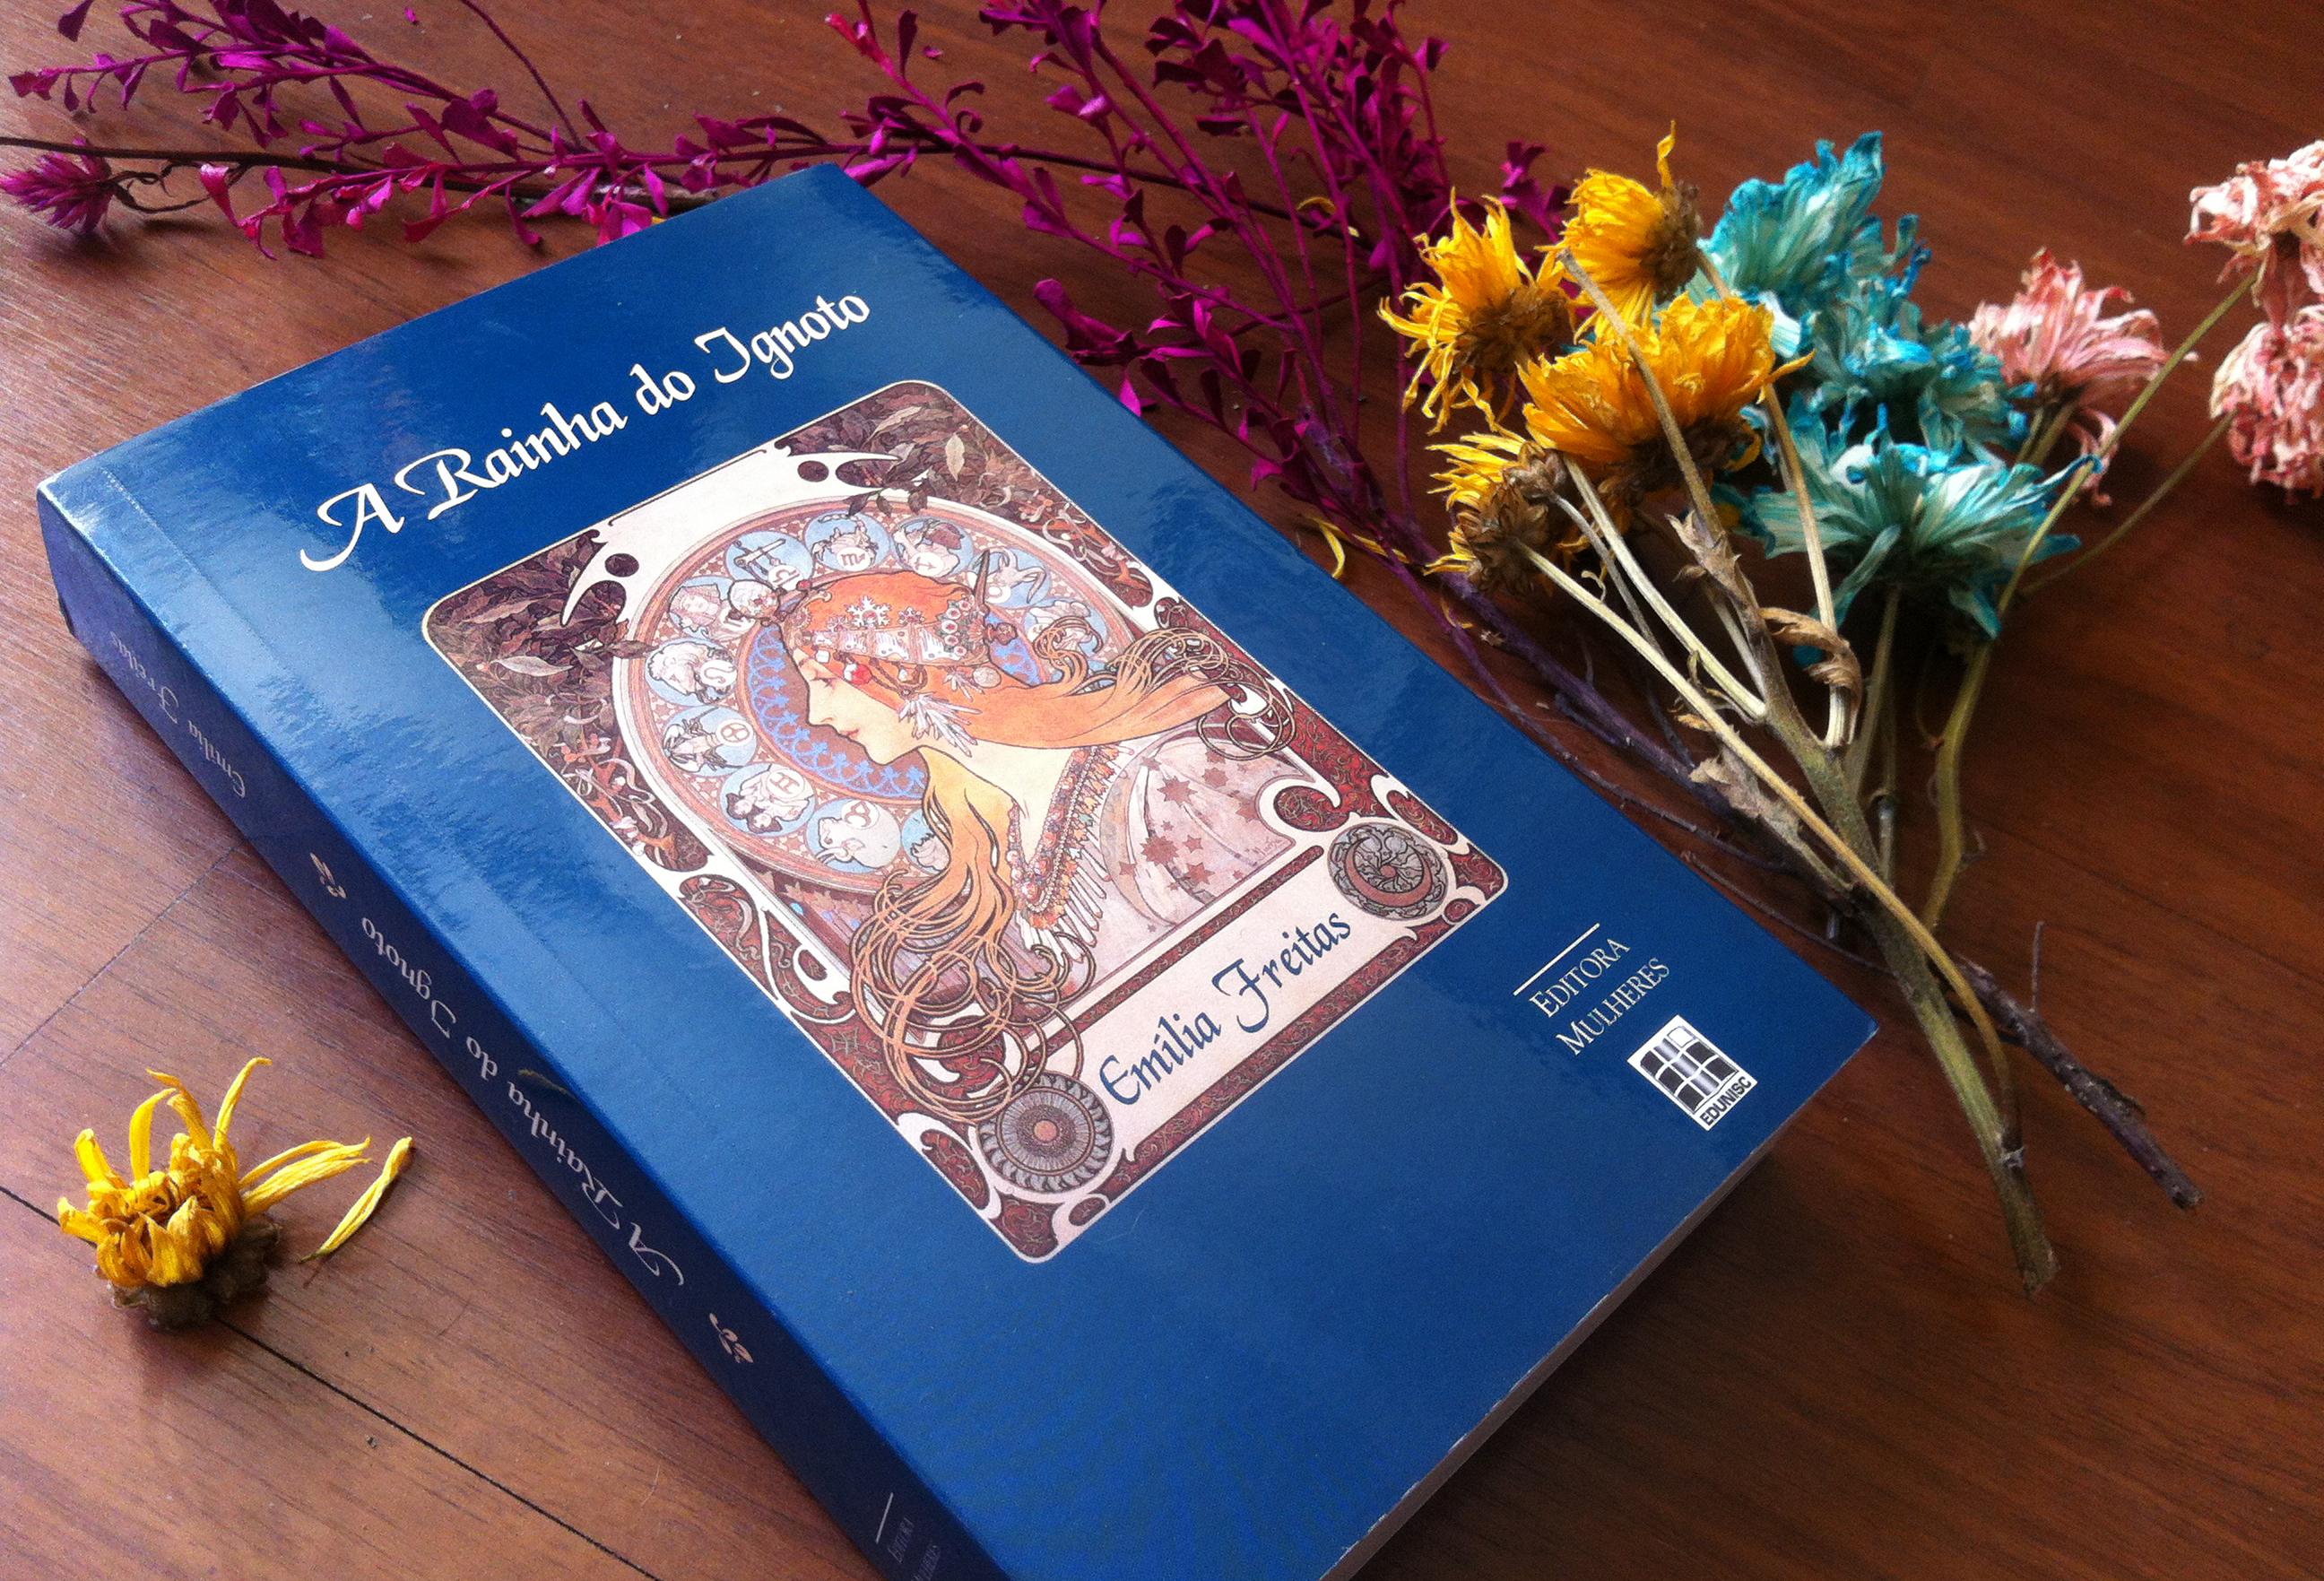 """A capa do livro """"A Rainha do Ignoto"""", de Emília Freitas, cercada de flores secas e coloridas."""